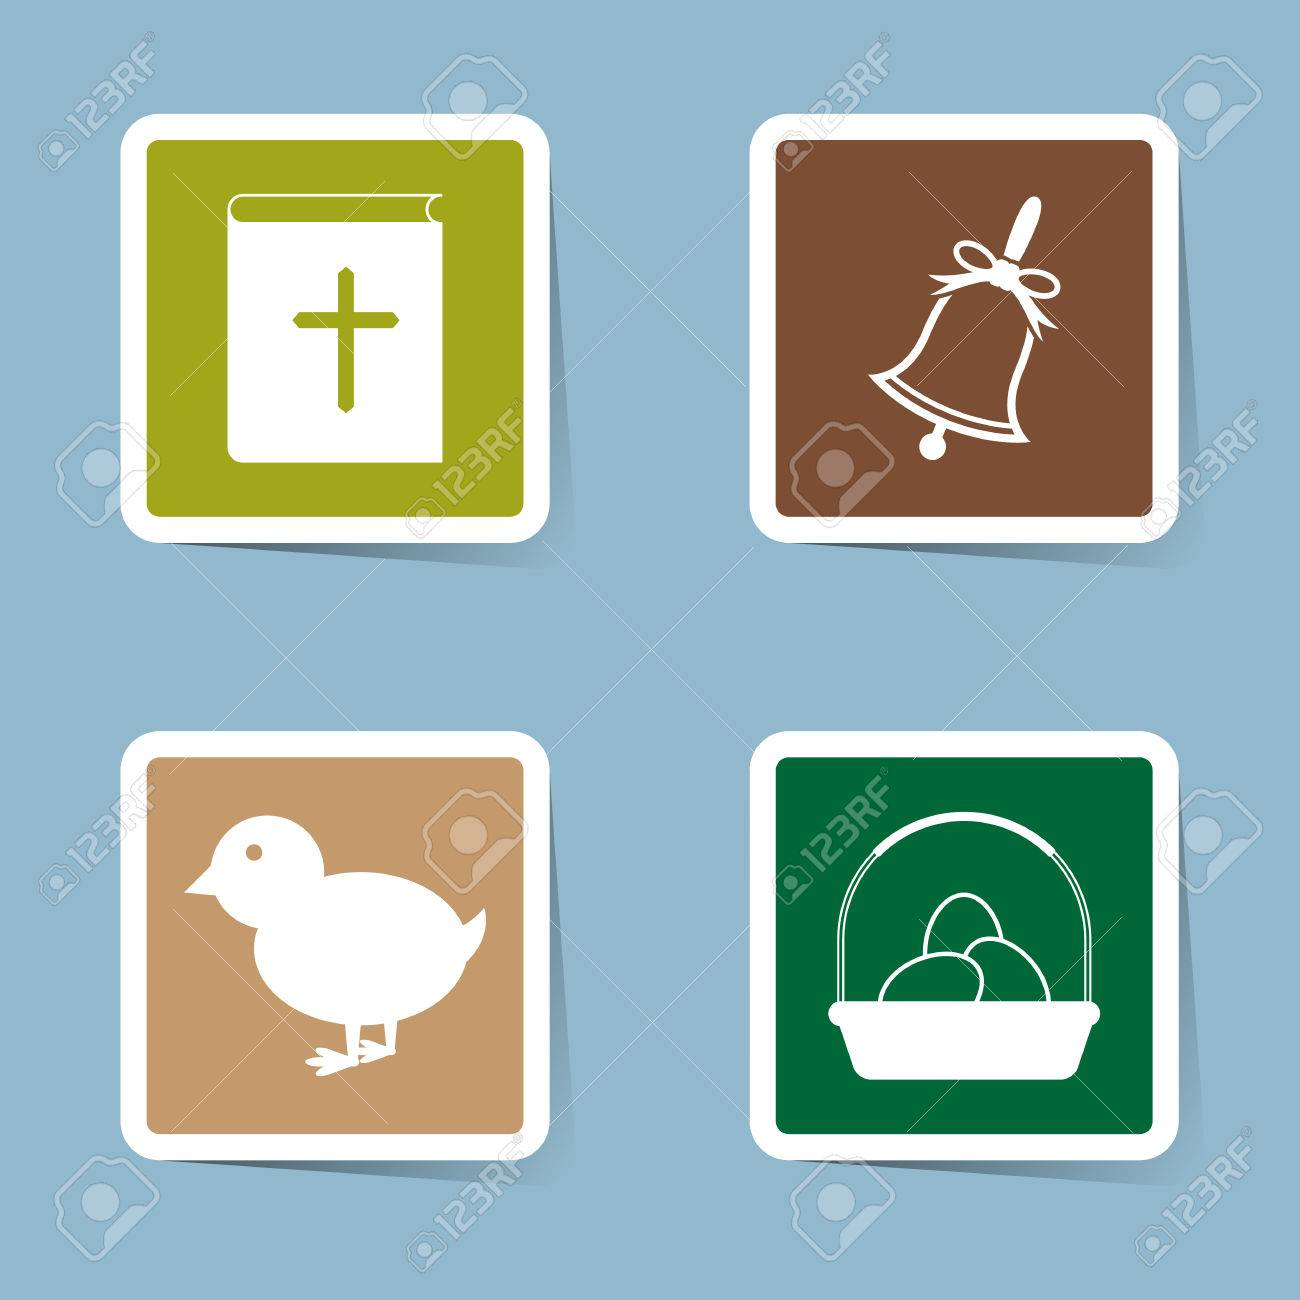 Pasqua Icona Impostare Illustrazione Vettoriale Libro Bibbia